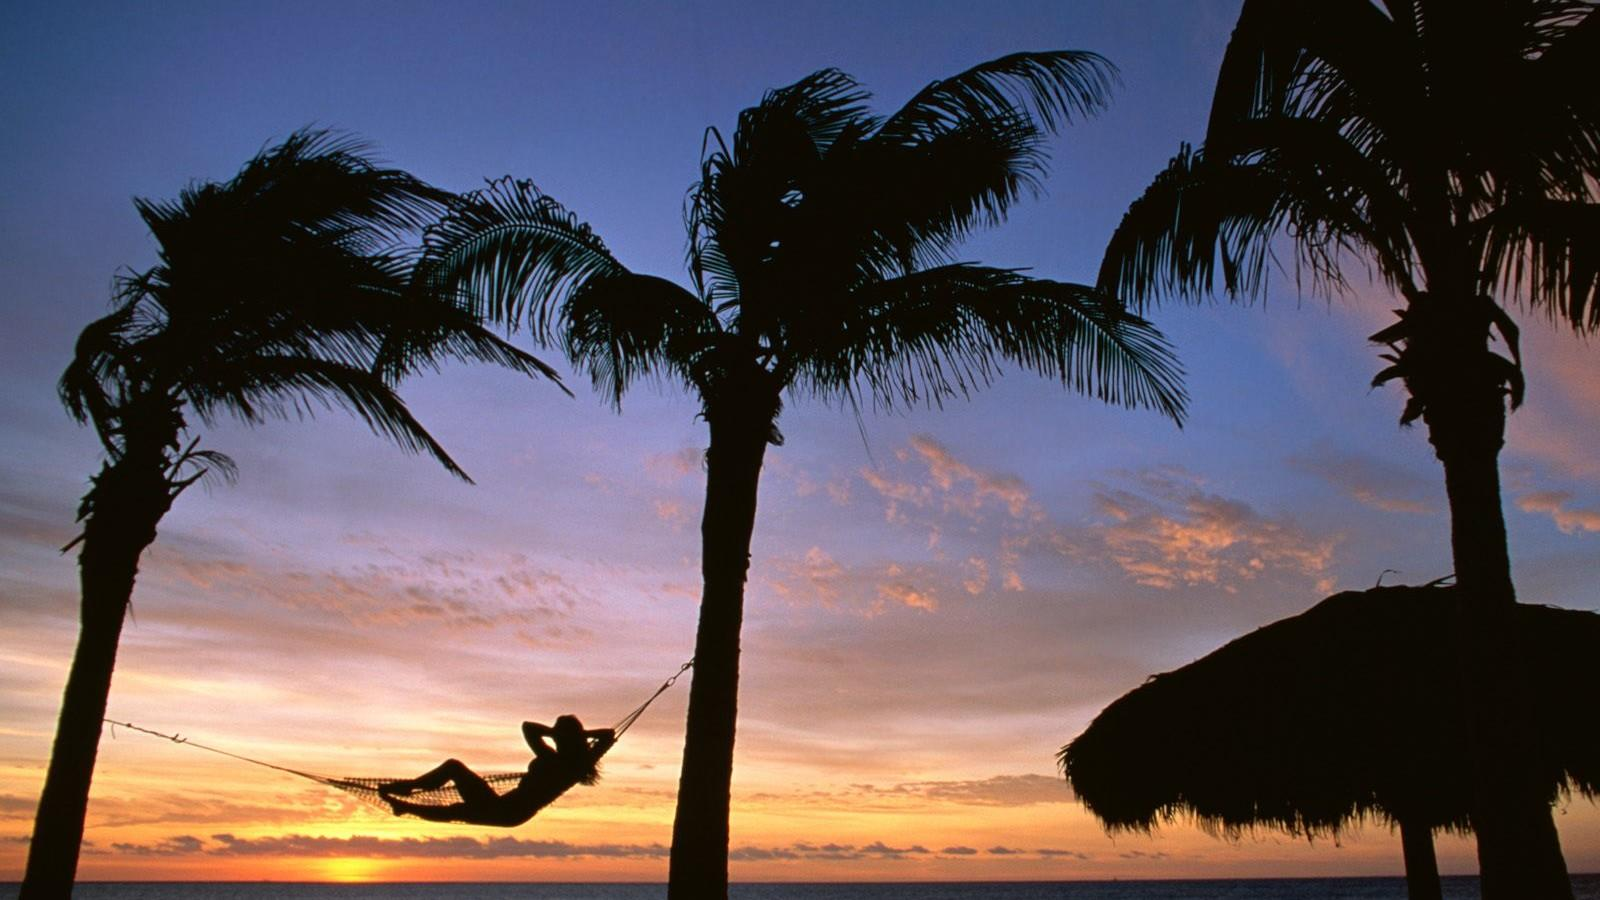 壁纸风景海滩 热带岛屿海滩风景壁纸